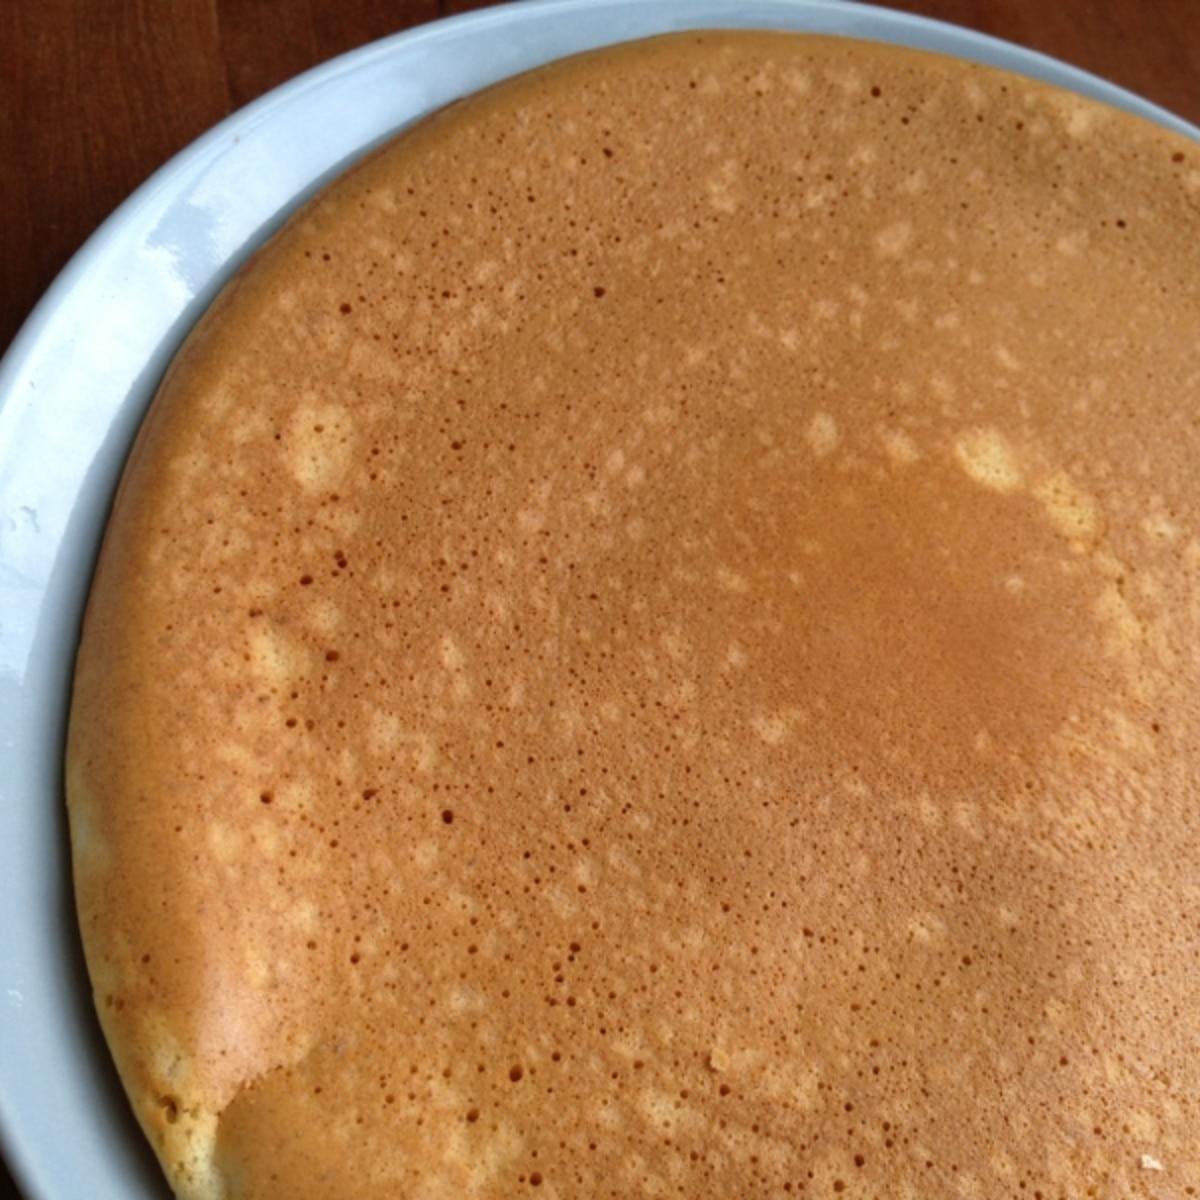 なし ホット パウダー ケーキ ベーキング